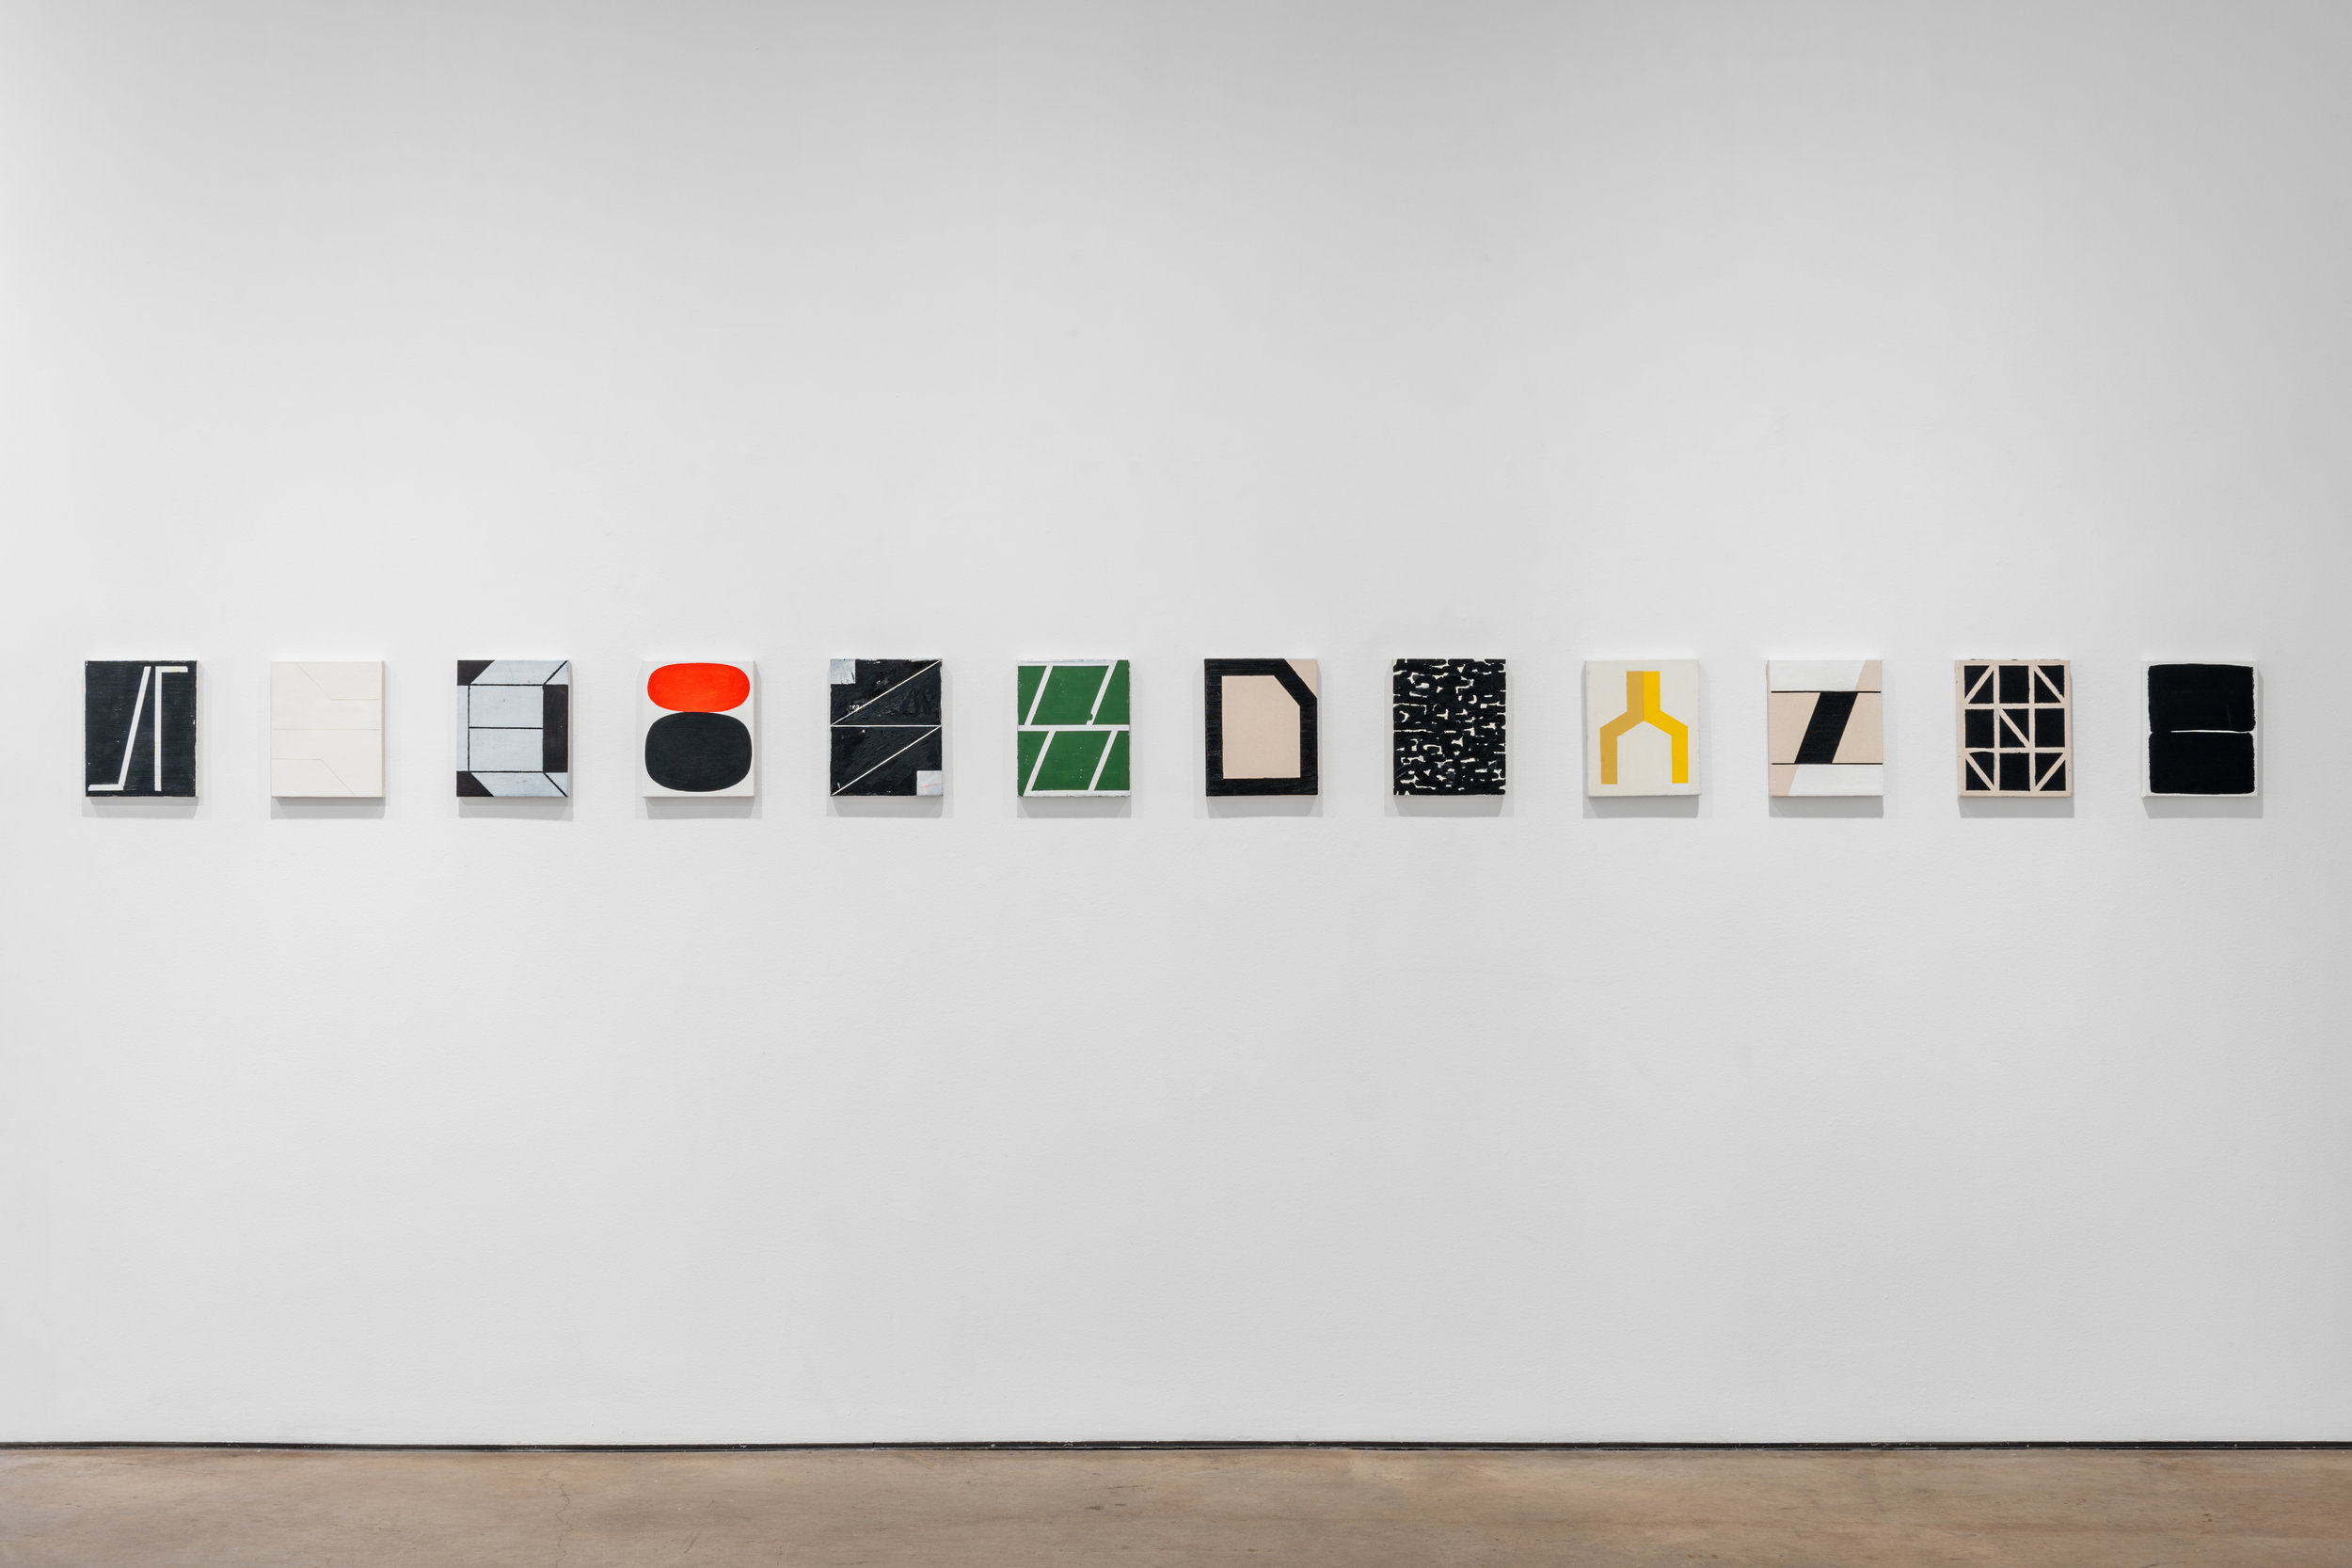 Install (David Shelton Gallery).